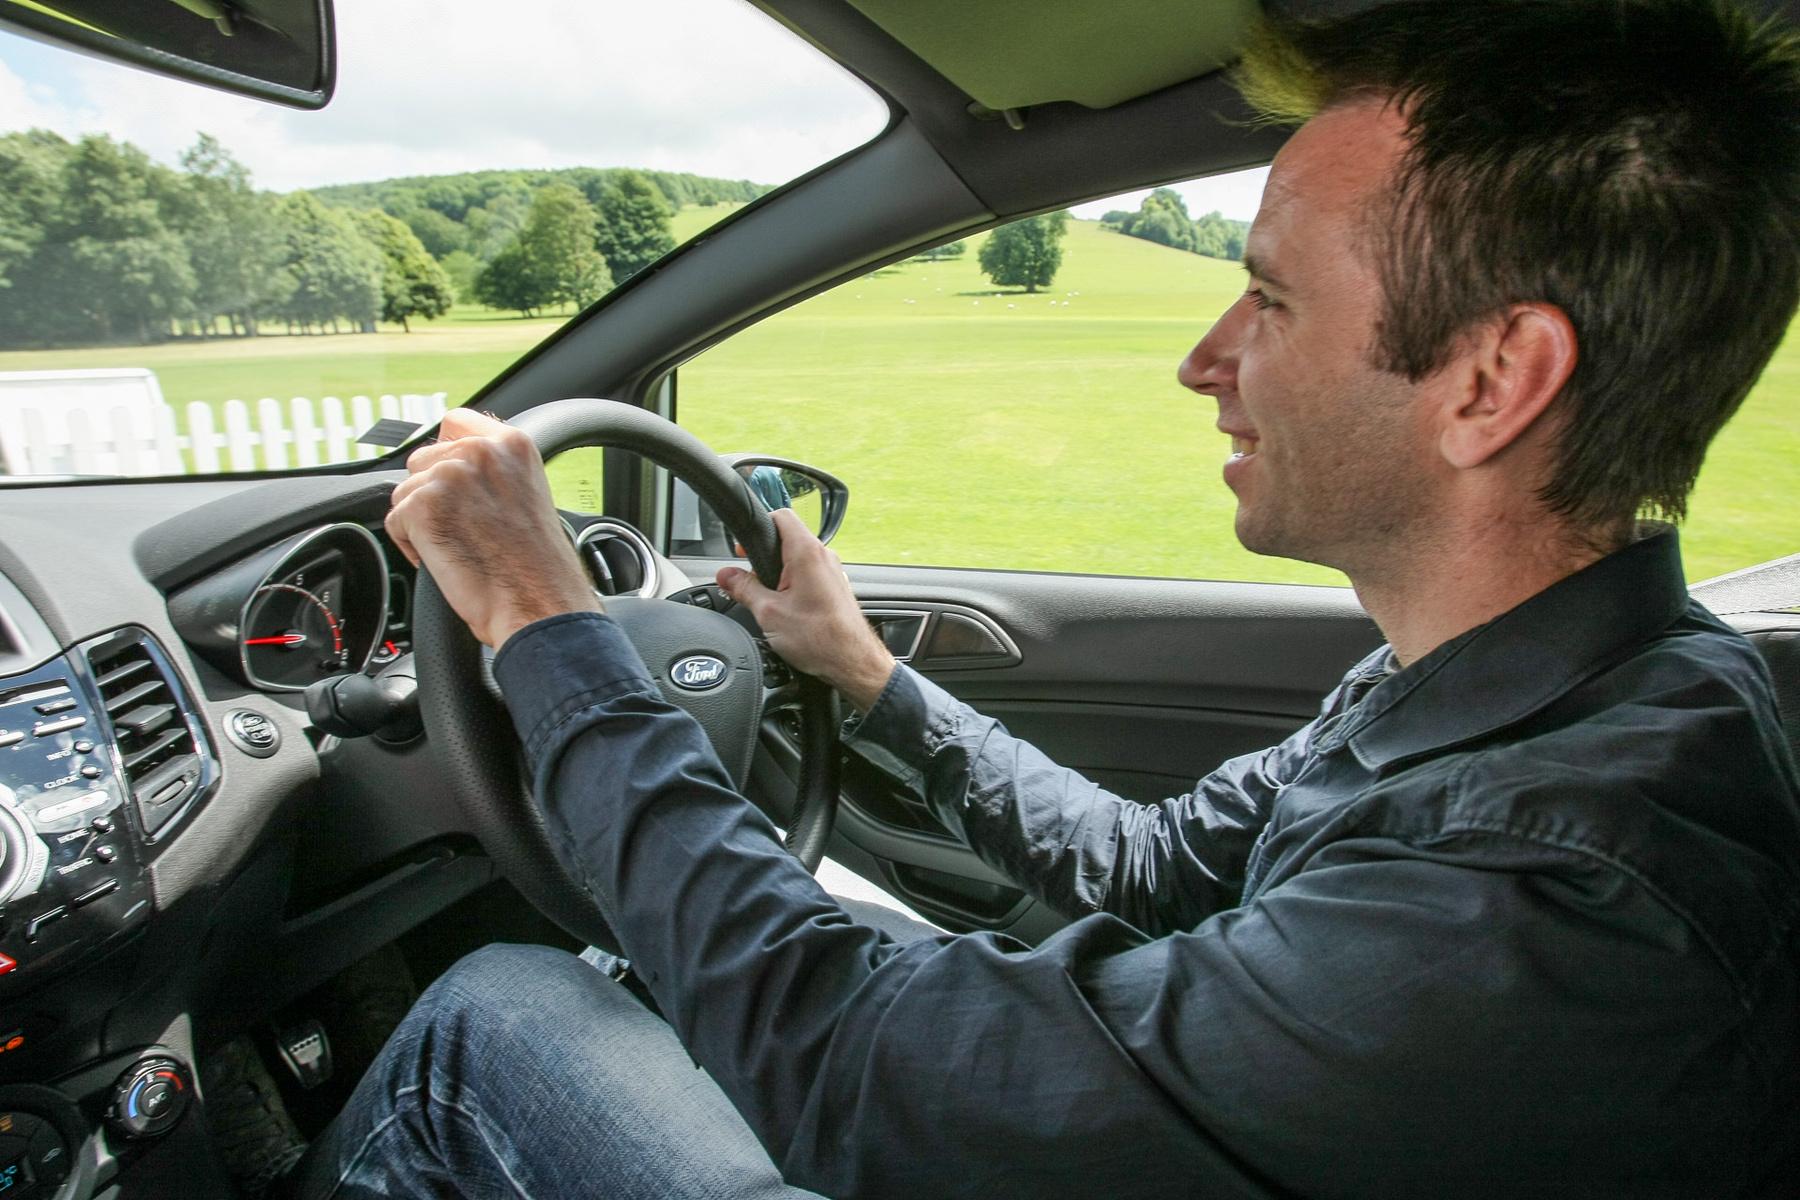 Balra tarts, balra tarts! Rég vezettem jobbkormányos autót, nem is éreztem magam valami otthonosan